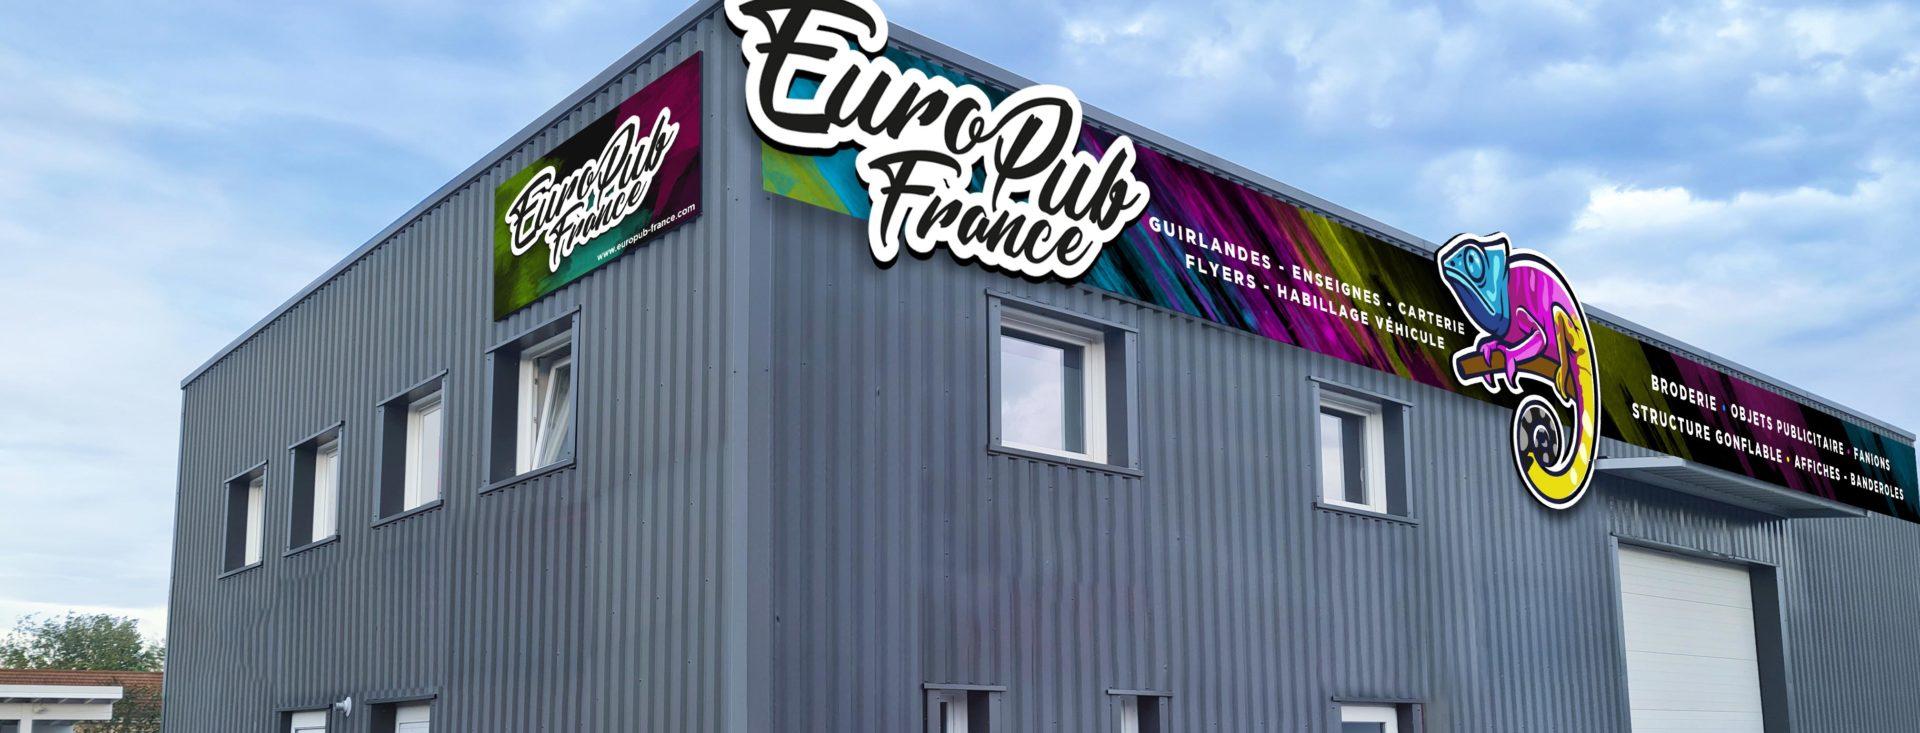 façade europub